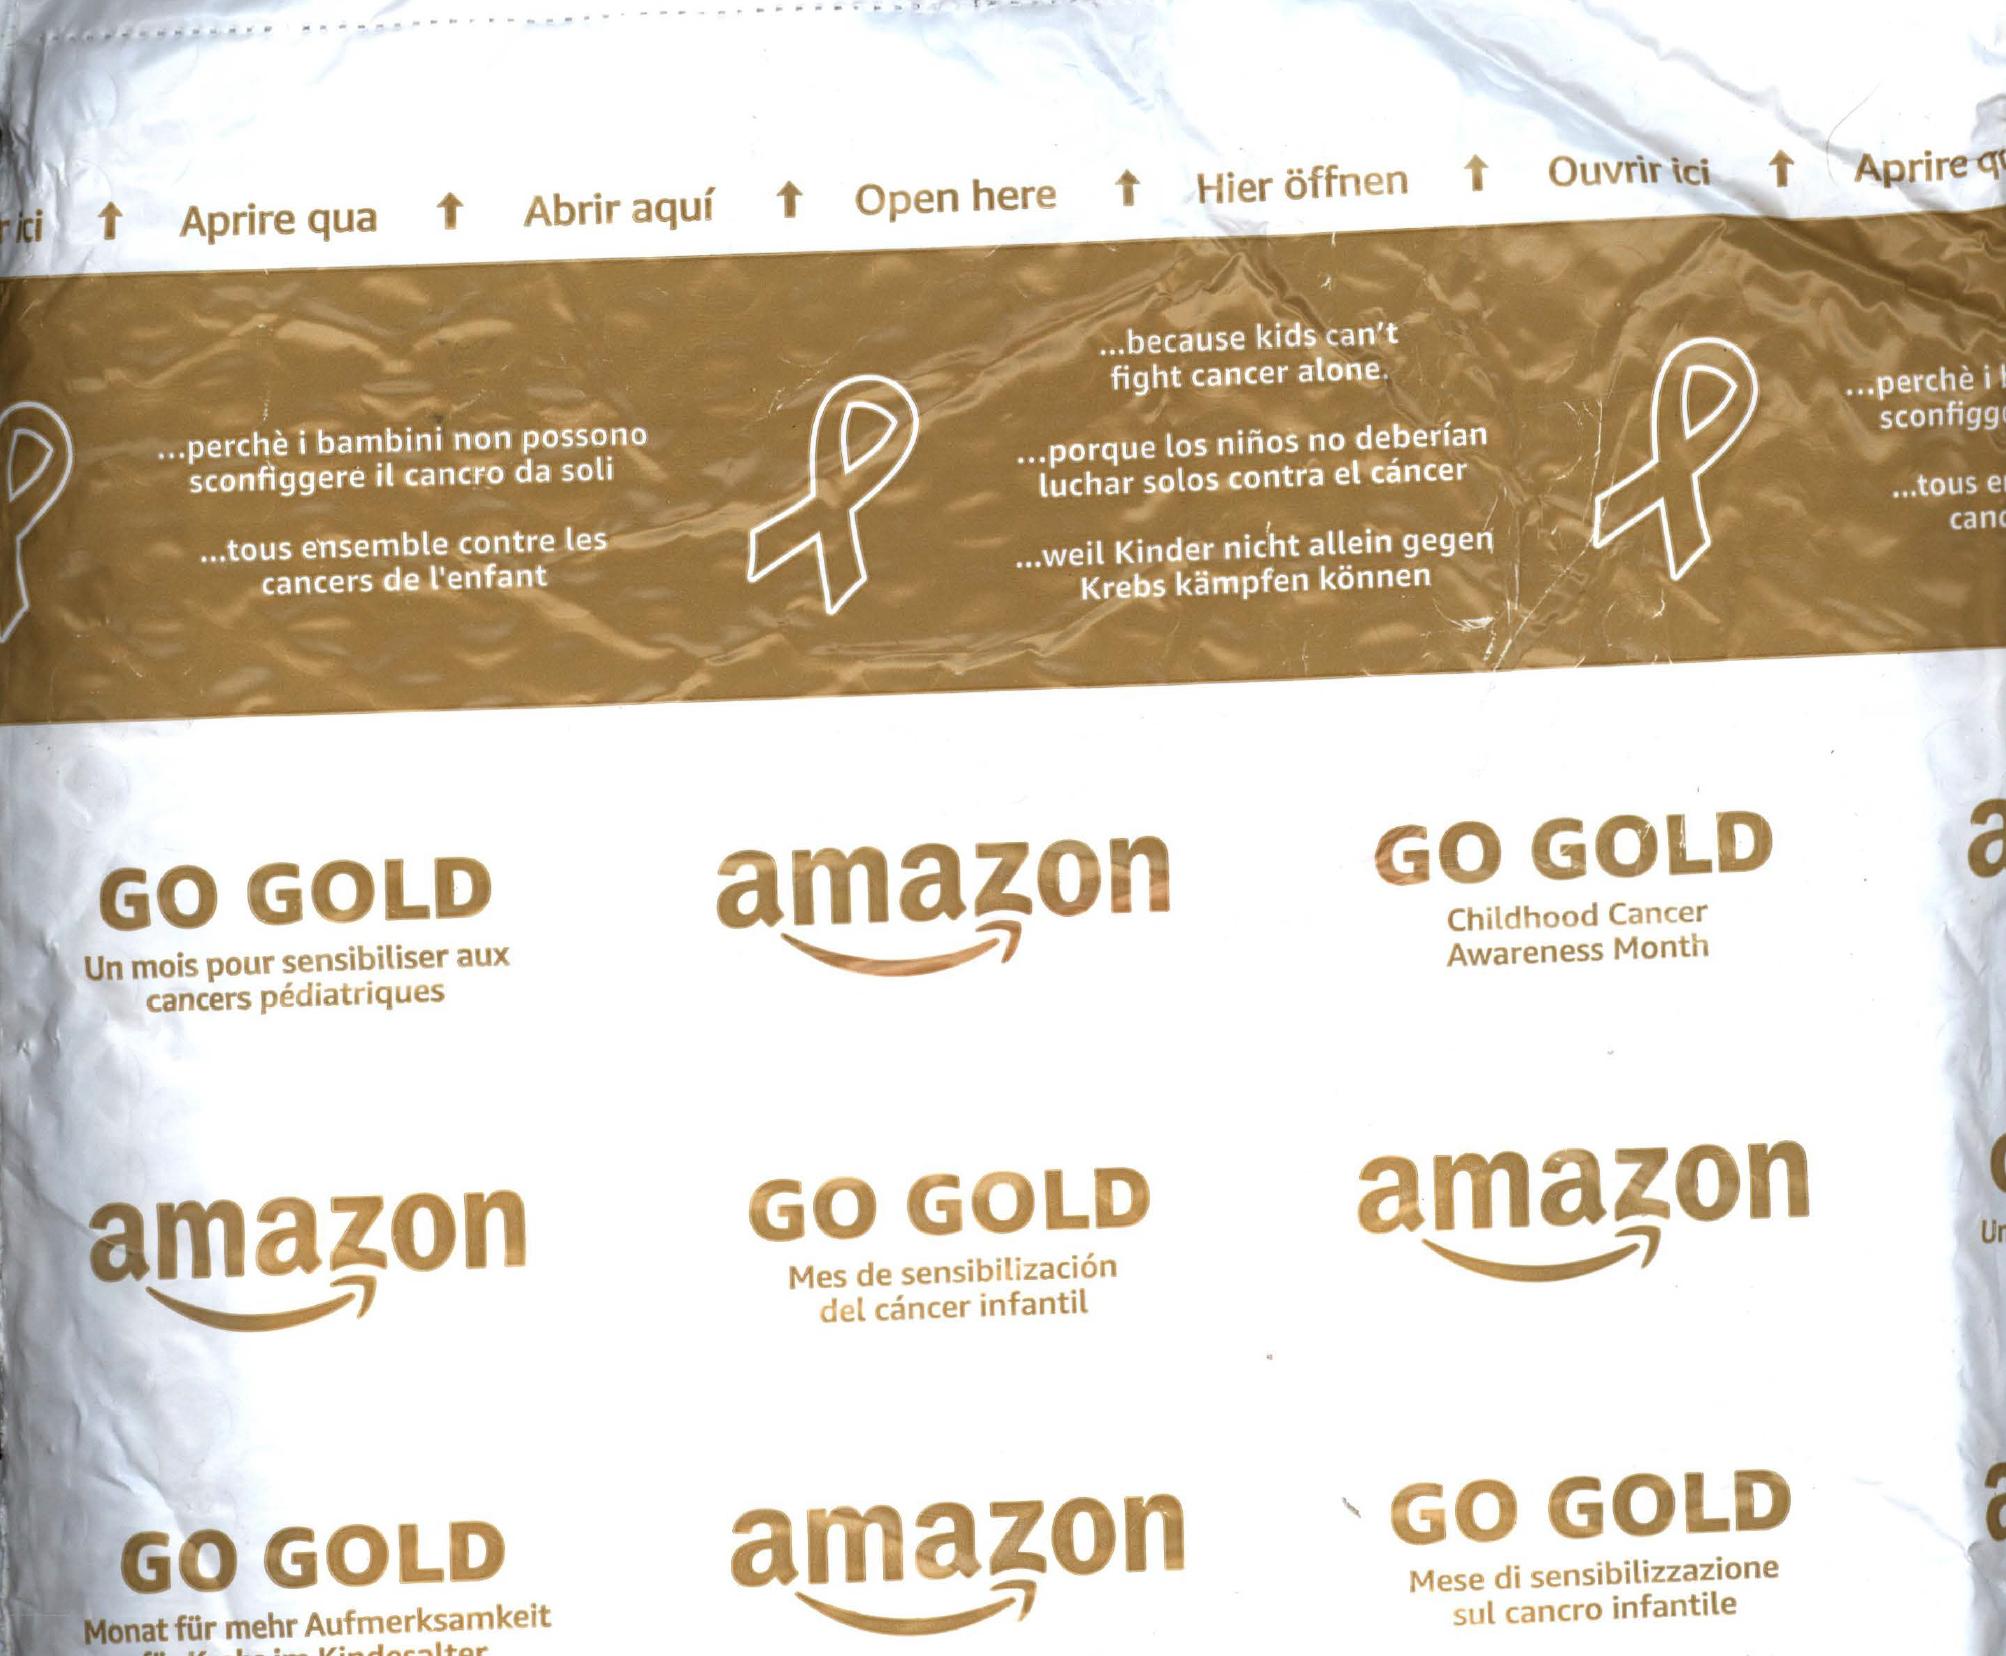 AmazonGoGold